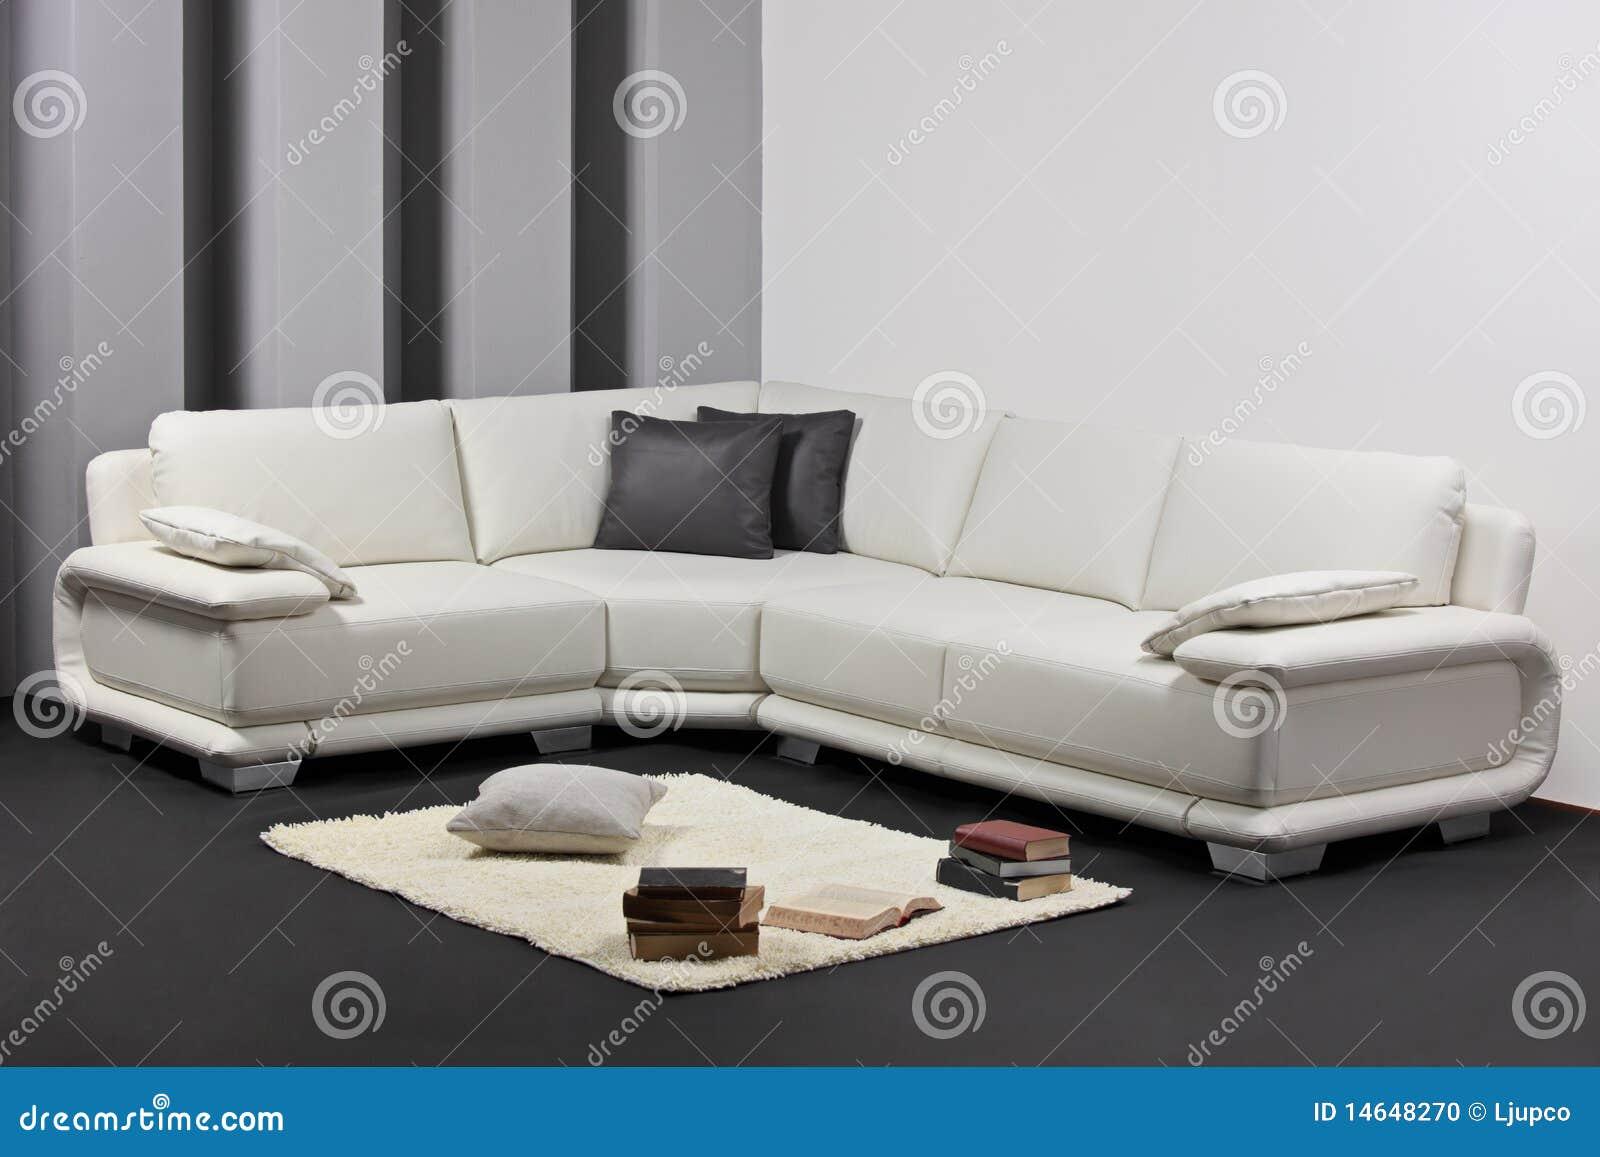 Una sala de estar minimalista moderna con muebles foto de for Muebles para sala de estar modernas